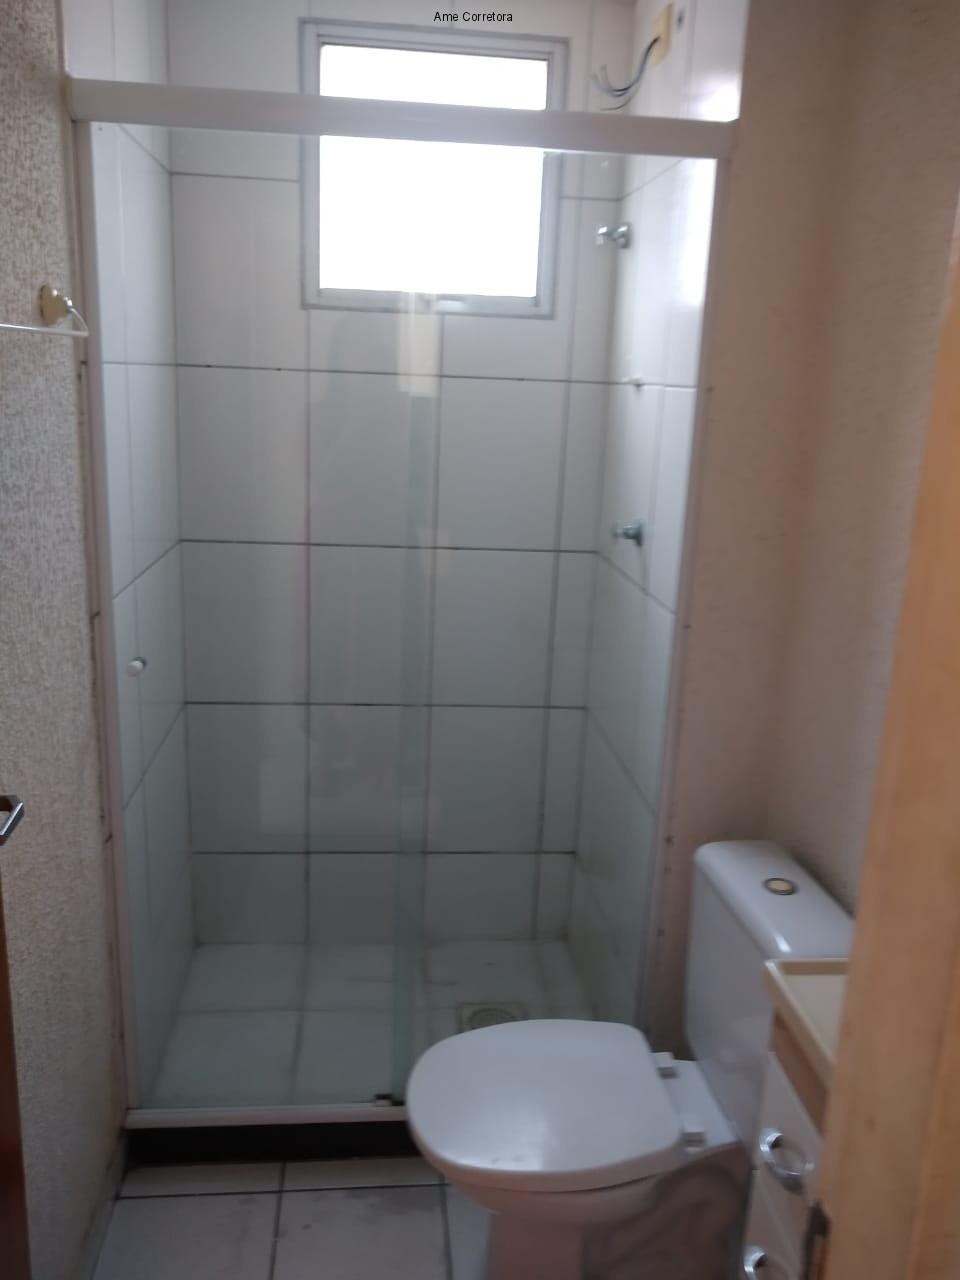 FOTO 06 - Apartamento 2 quartos para alugar Santíssimo, Rio de Janeiro - R$ 885 - AP00405 - 7